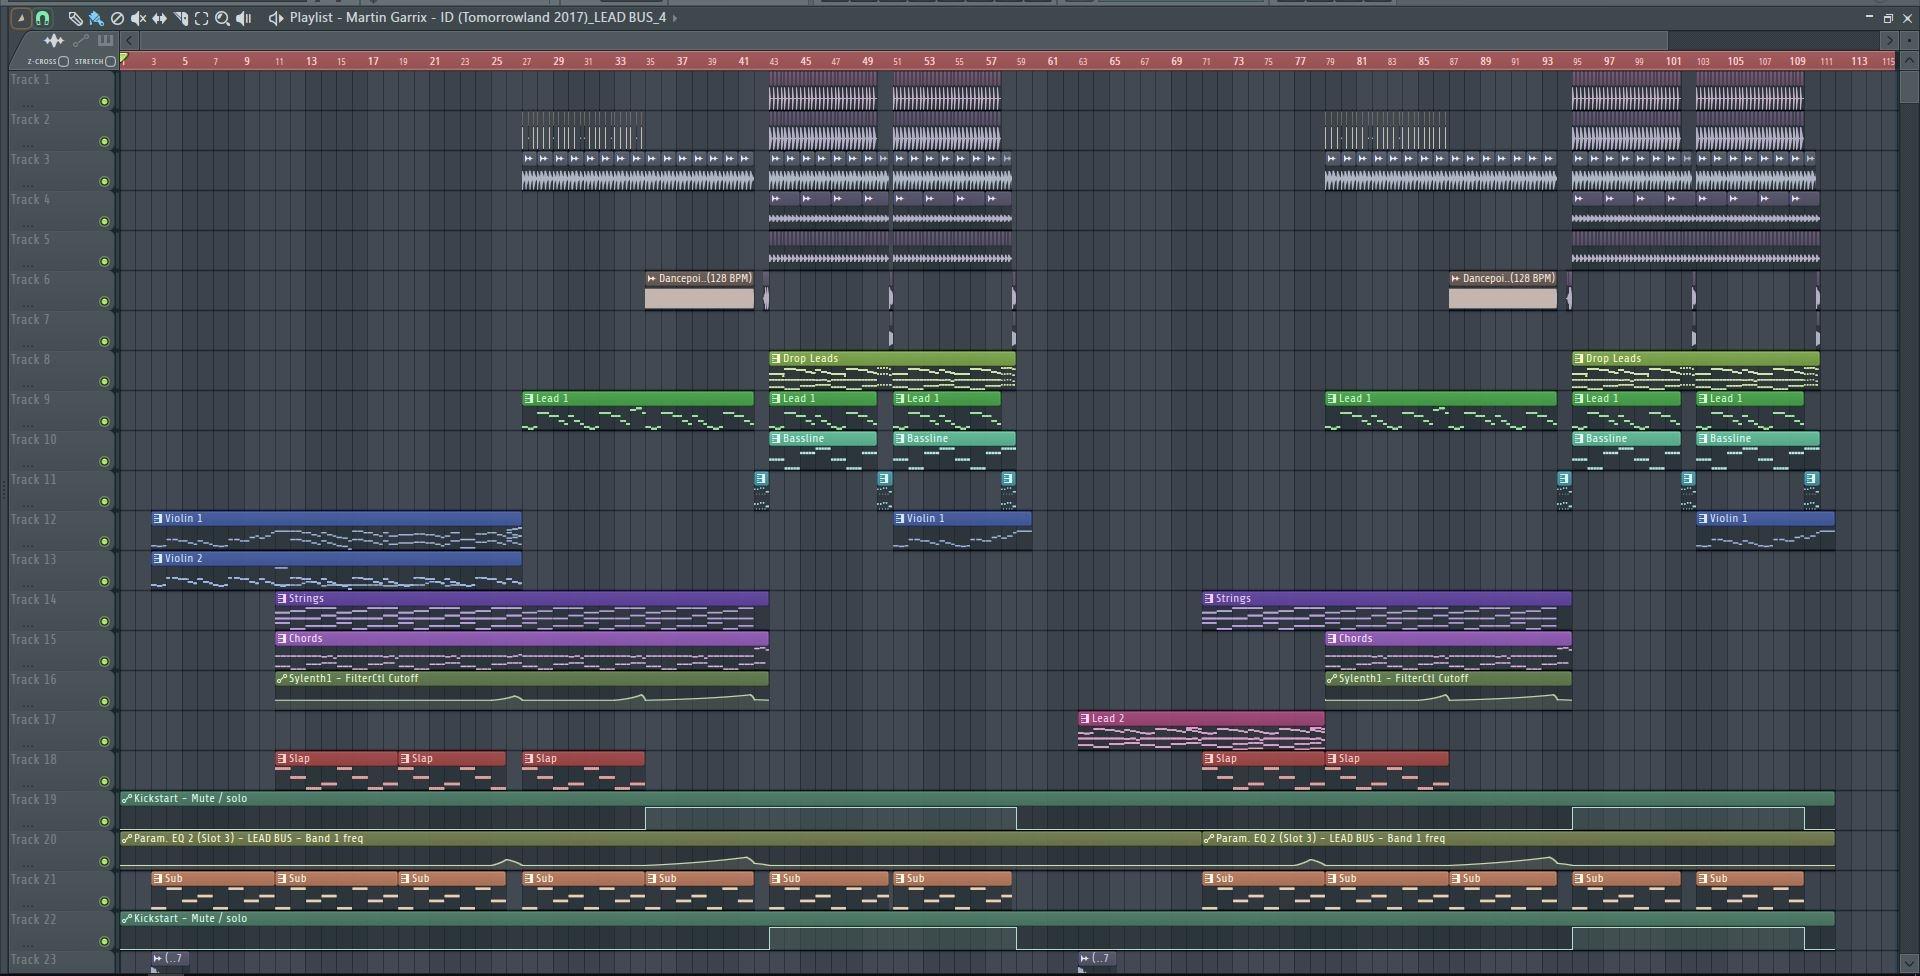 Martin Garrix - Pizza (FL Studio Remake)